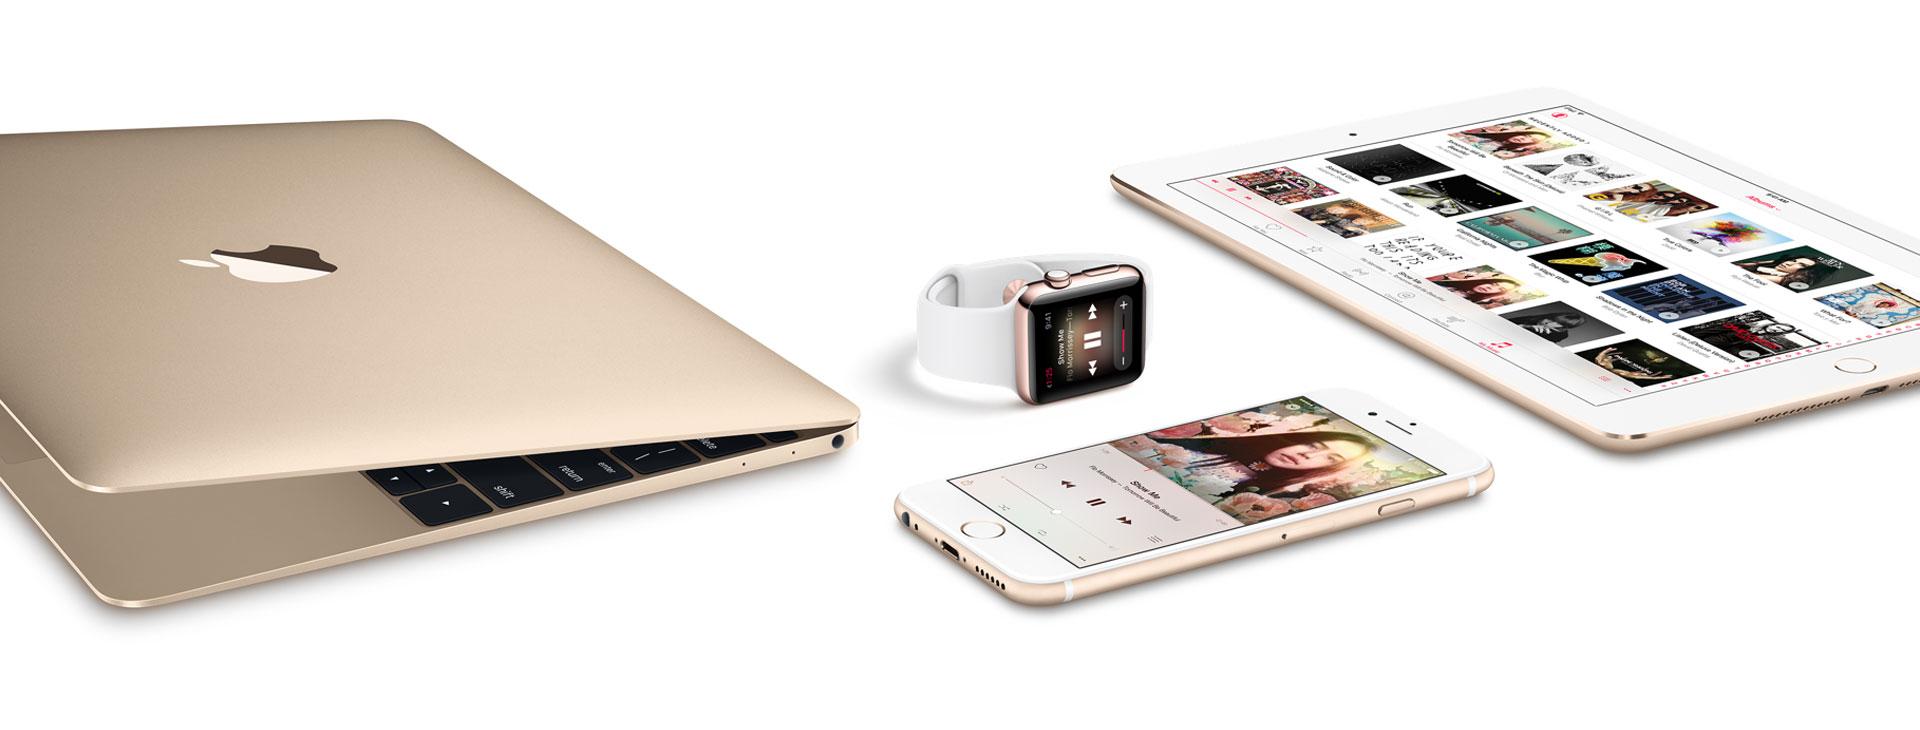 ishop-new-macbook-apple-watch